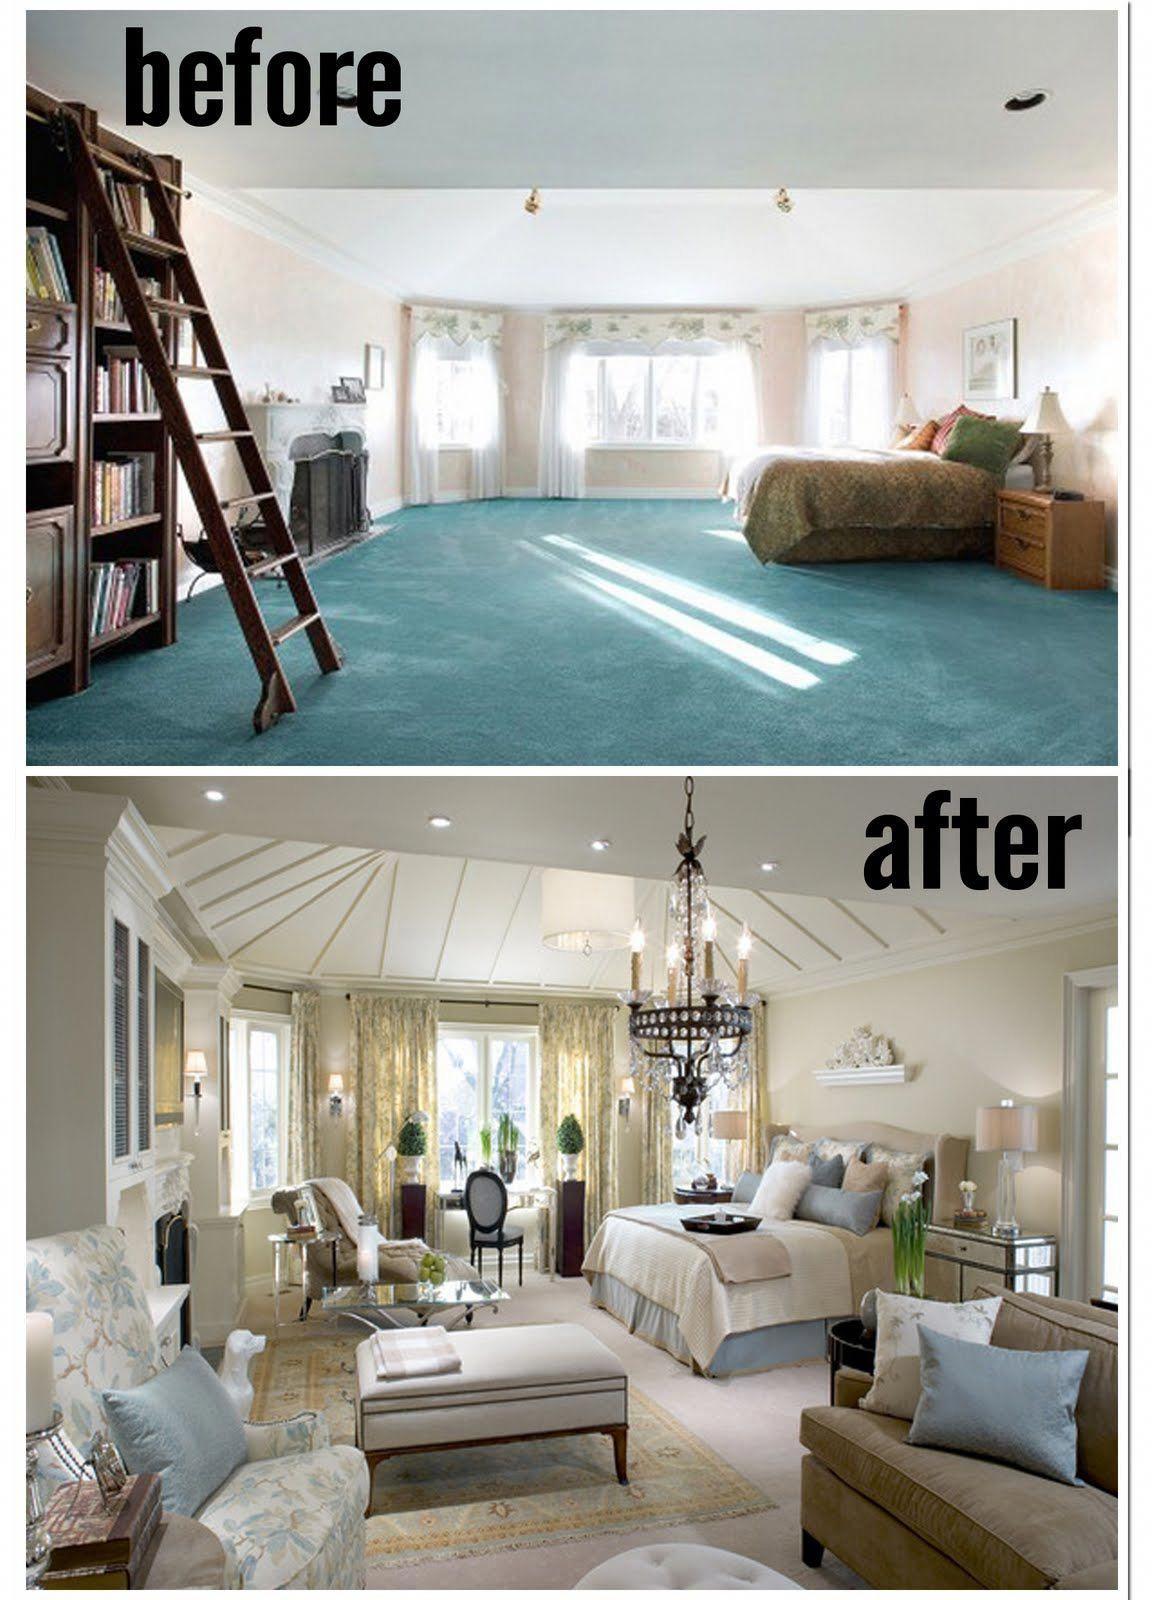 ImpressiveBedroom Schlafzimmer neu gestalten, Haus deko